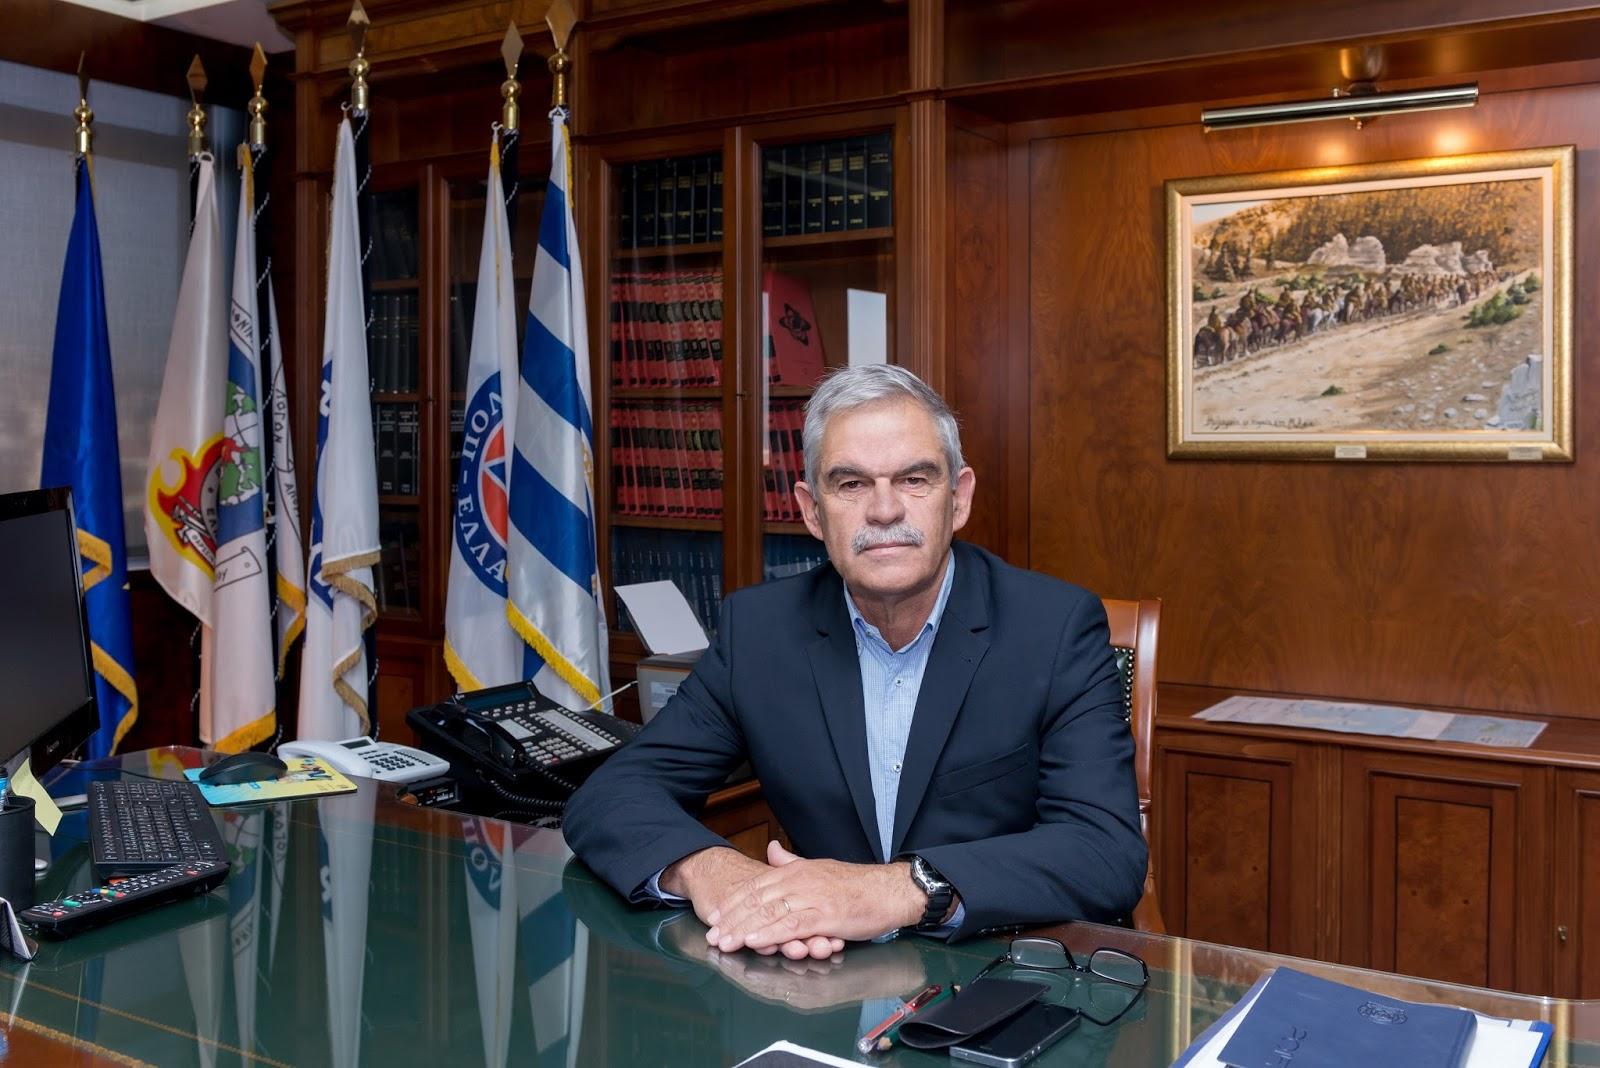 El Ministrio del Interior griego mostrando orgulloso su password y contraseña en un post-it